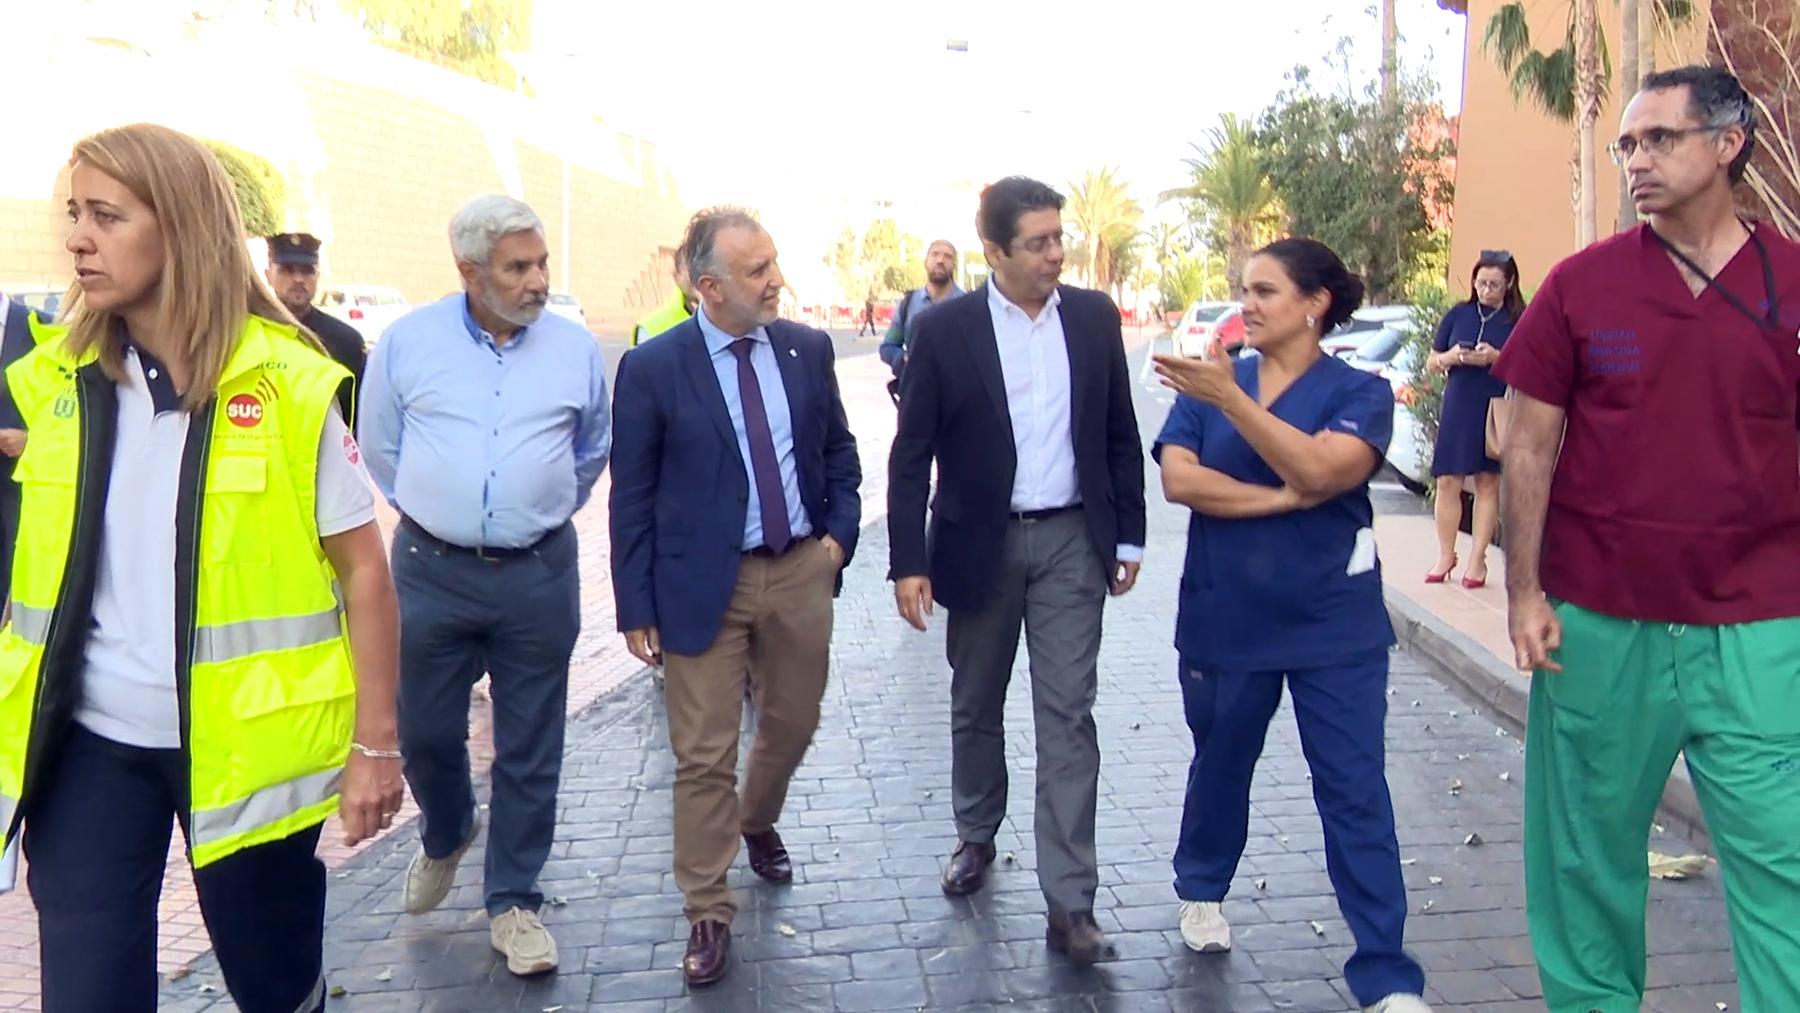 Ángel Víctor Torres visita el punto de atención primaria del hotel del coronavirus de Tenerife